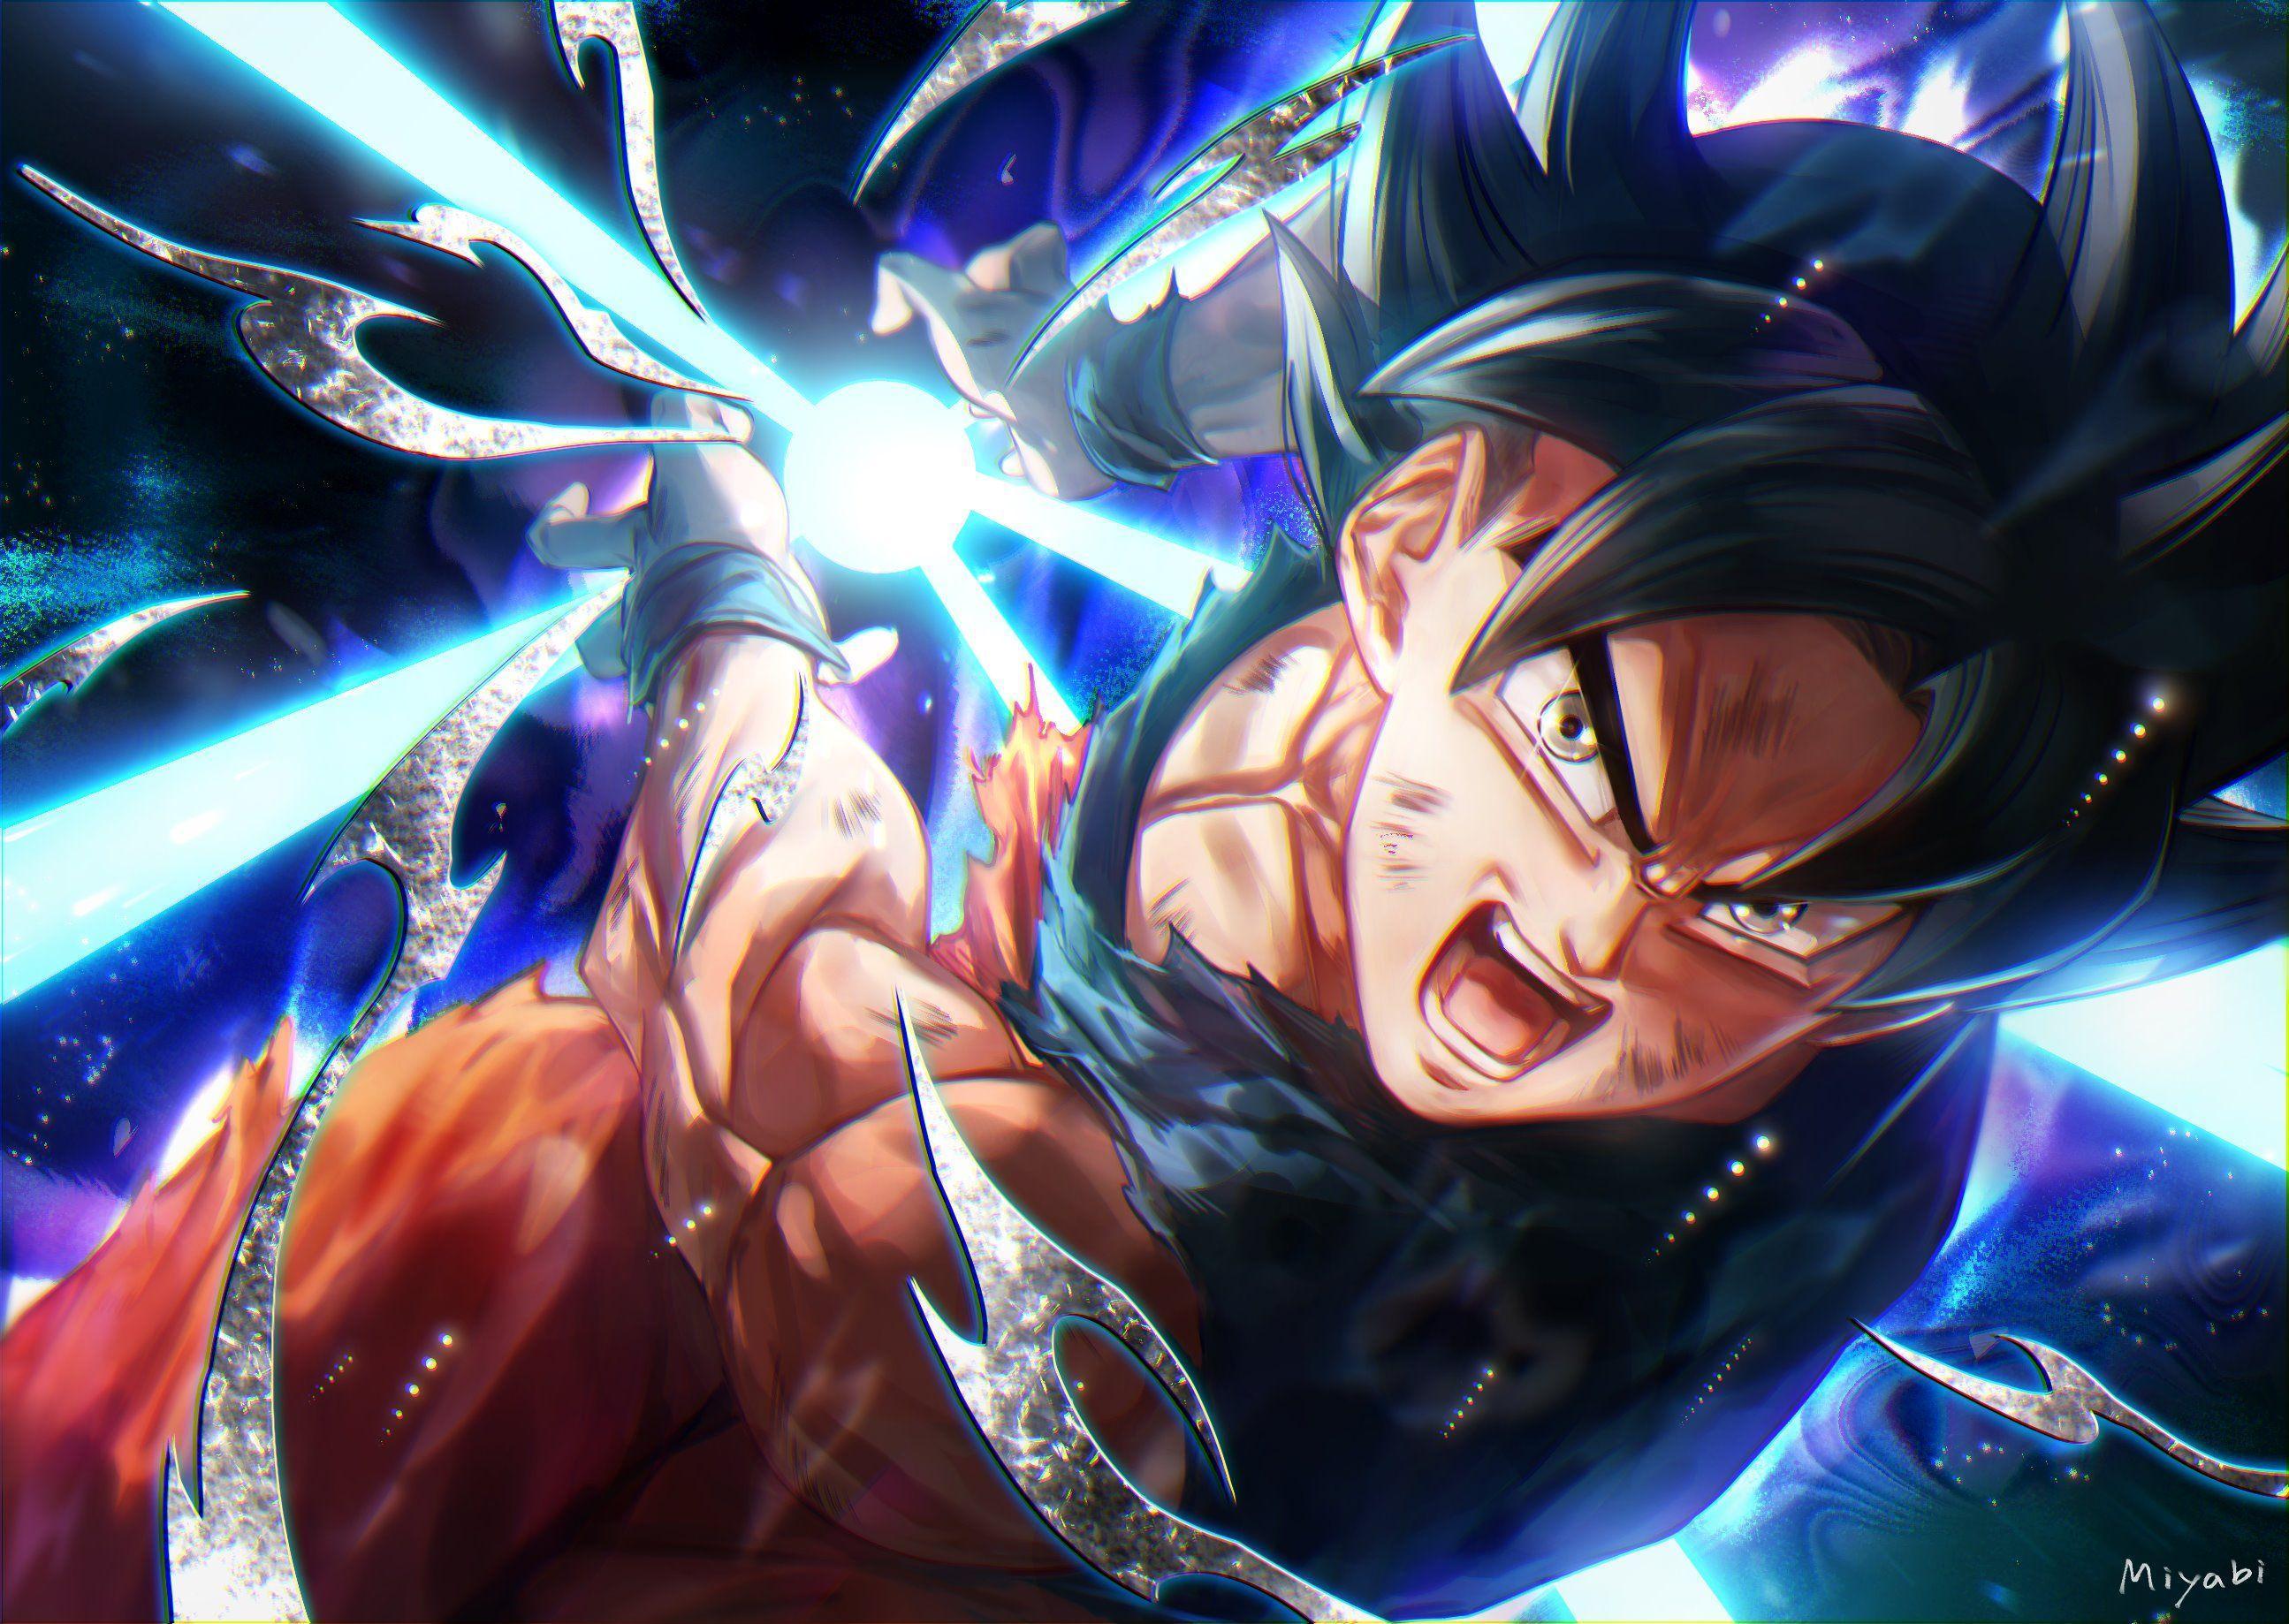 Fond d'écran de Goku: Goku, Dragon Ball, 4k pour Android - Téléchargez l'APK